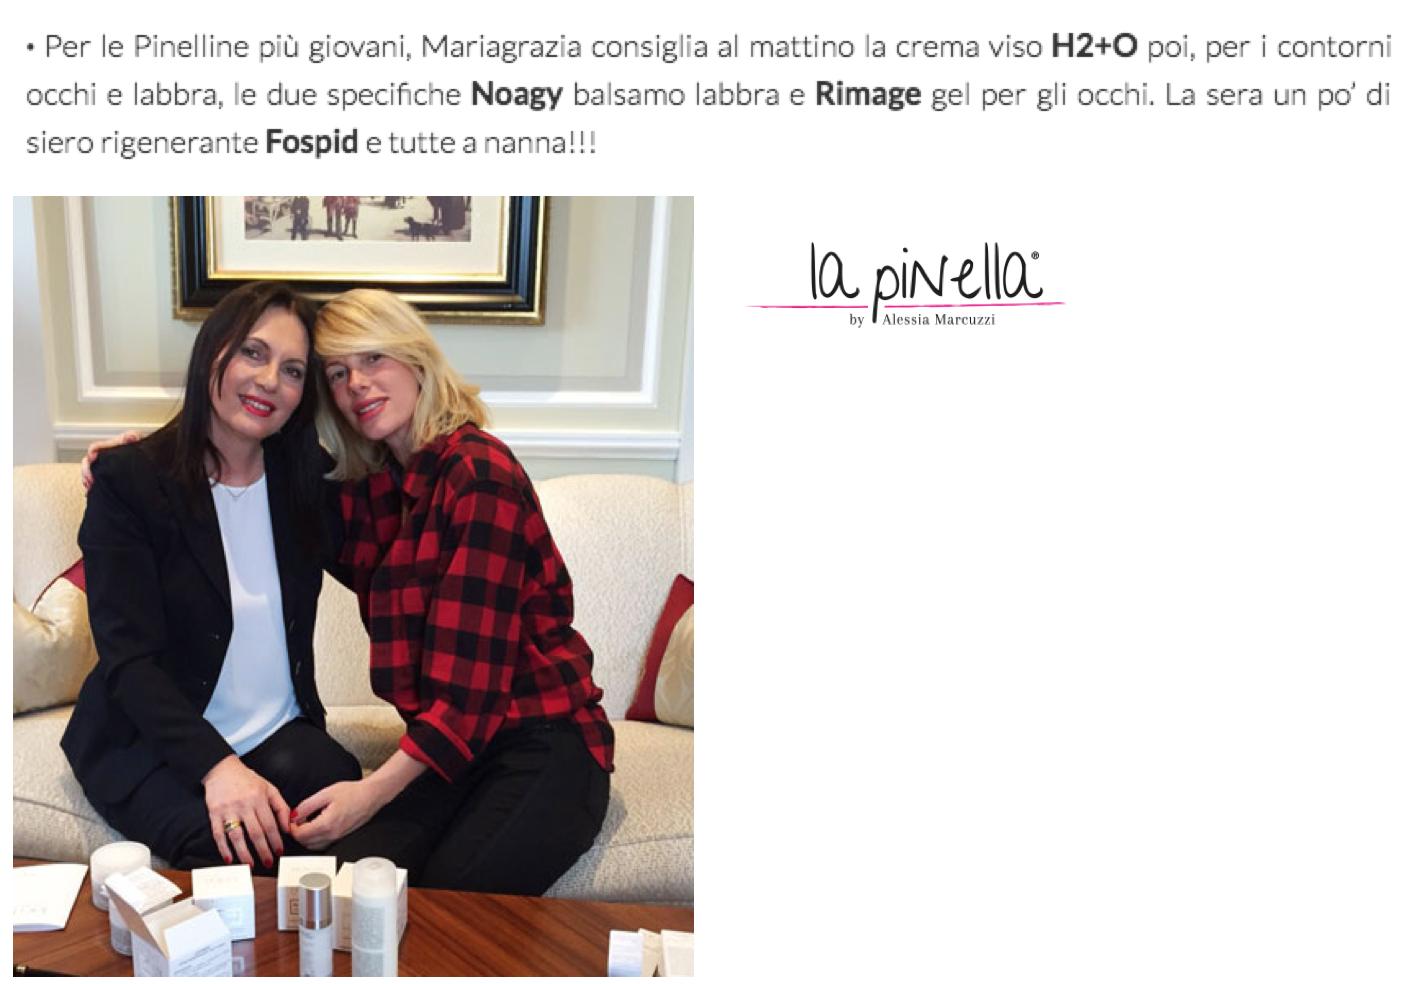 recensione Alessia Marcuzzi Rimage skinius